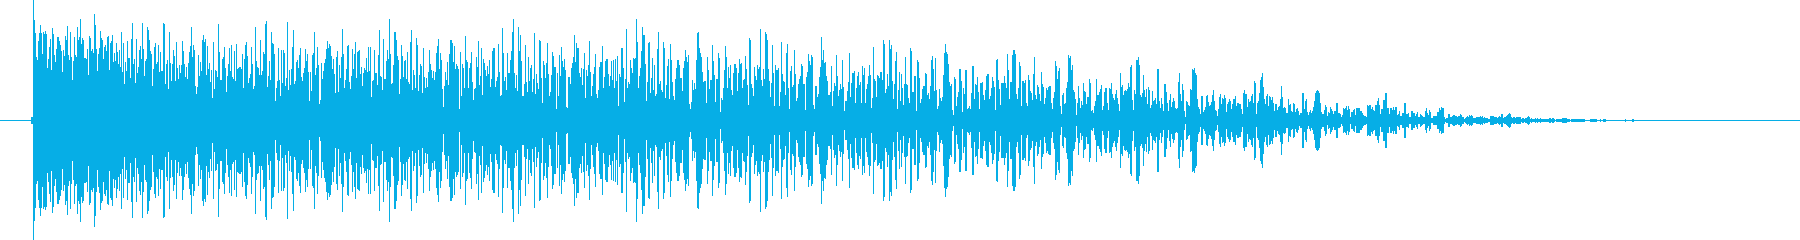 アニメ、SFの大爆発音の再生済みの波形